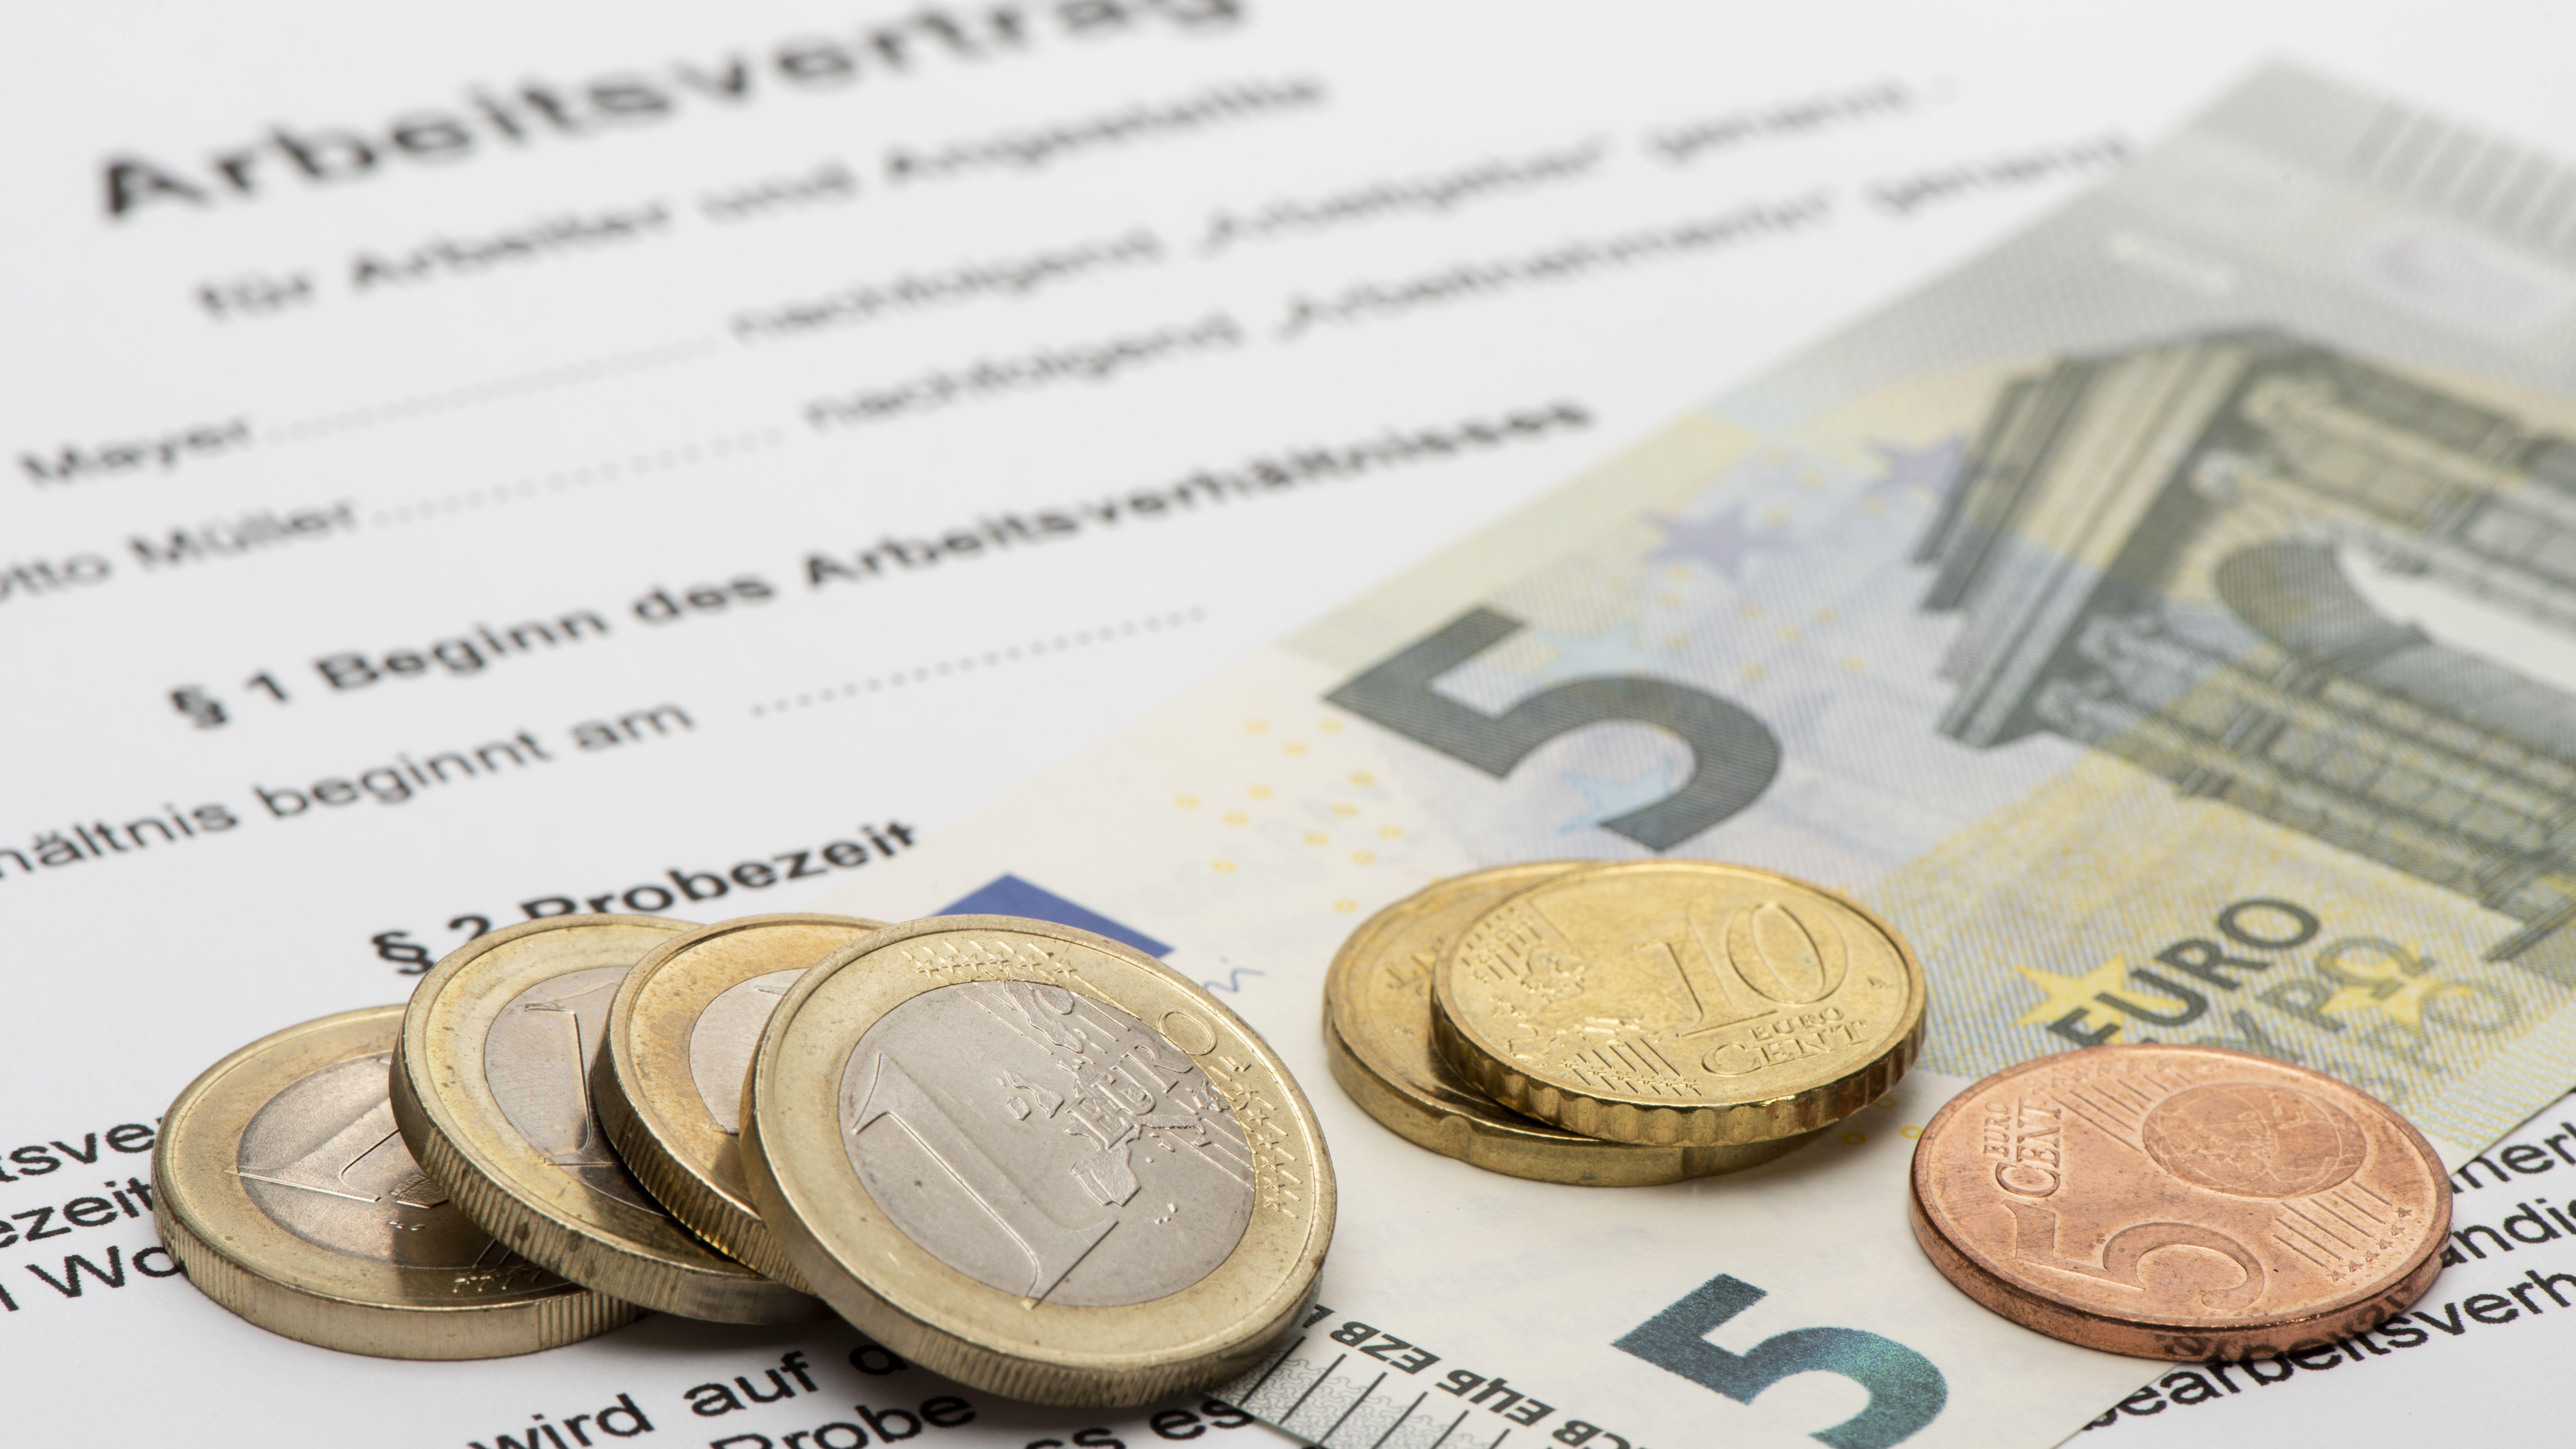 Kurzarbeitergeld-NGG-fordert-Mindest-Kurzarbeitergeld-von-1200-Euro